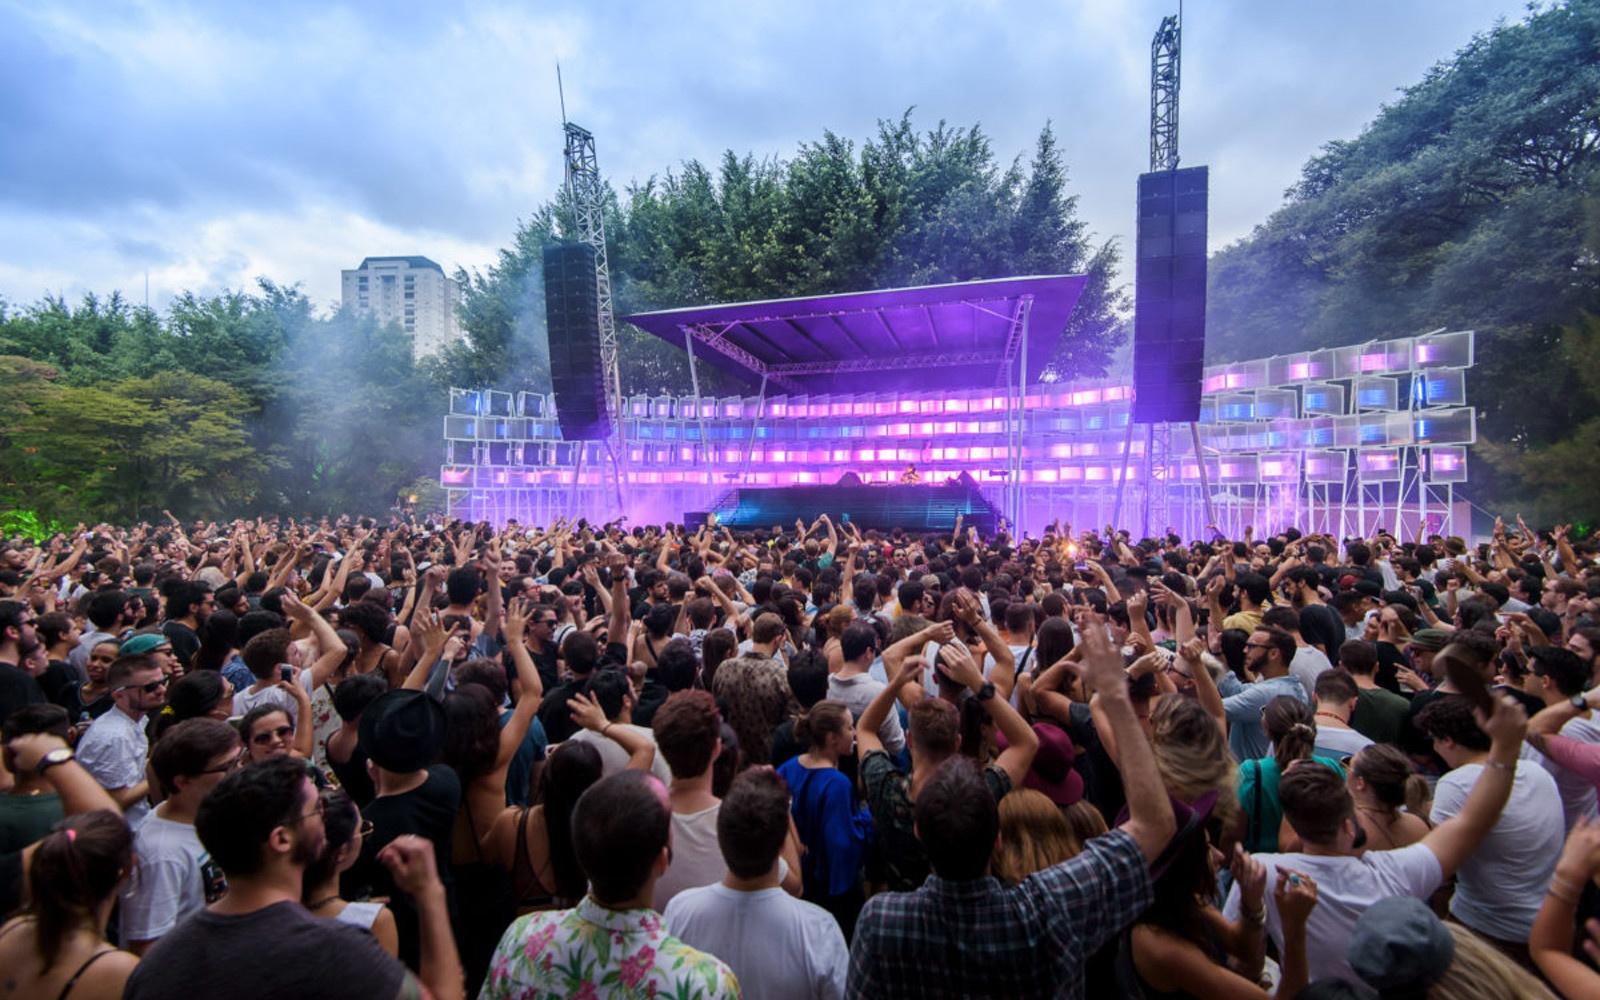 Neocolonialismo? DJ questiona Dekmantel sobre falta de artistas latinos em festivais gringos que acontecem no Brasil